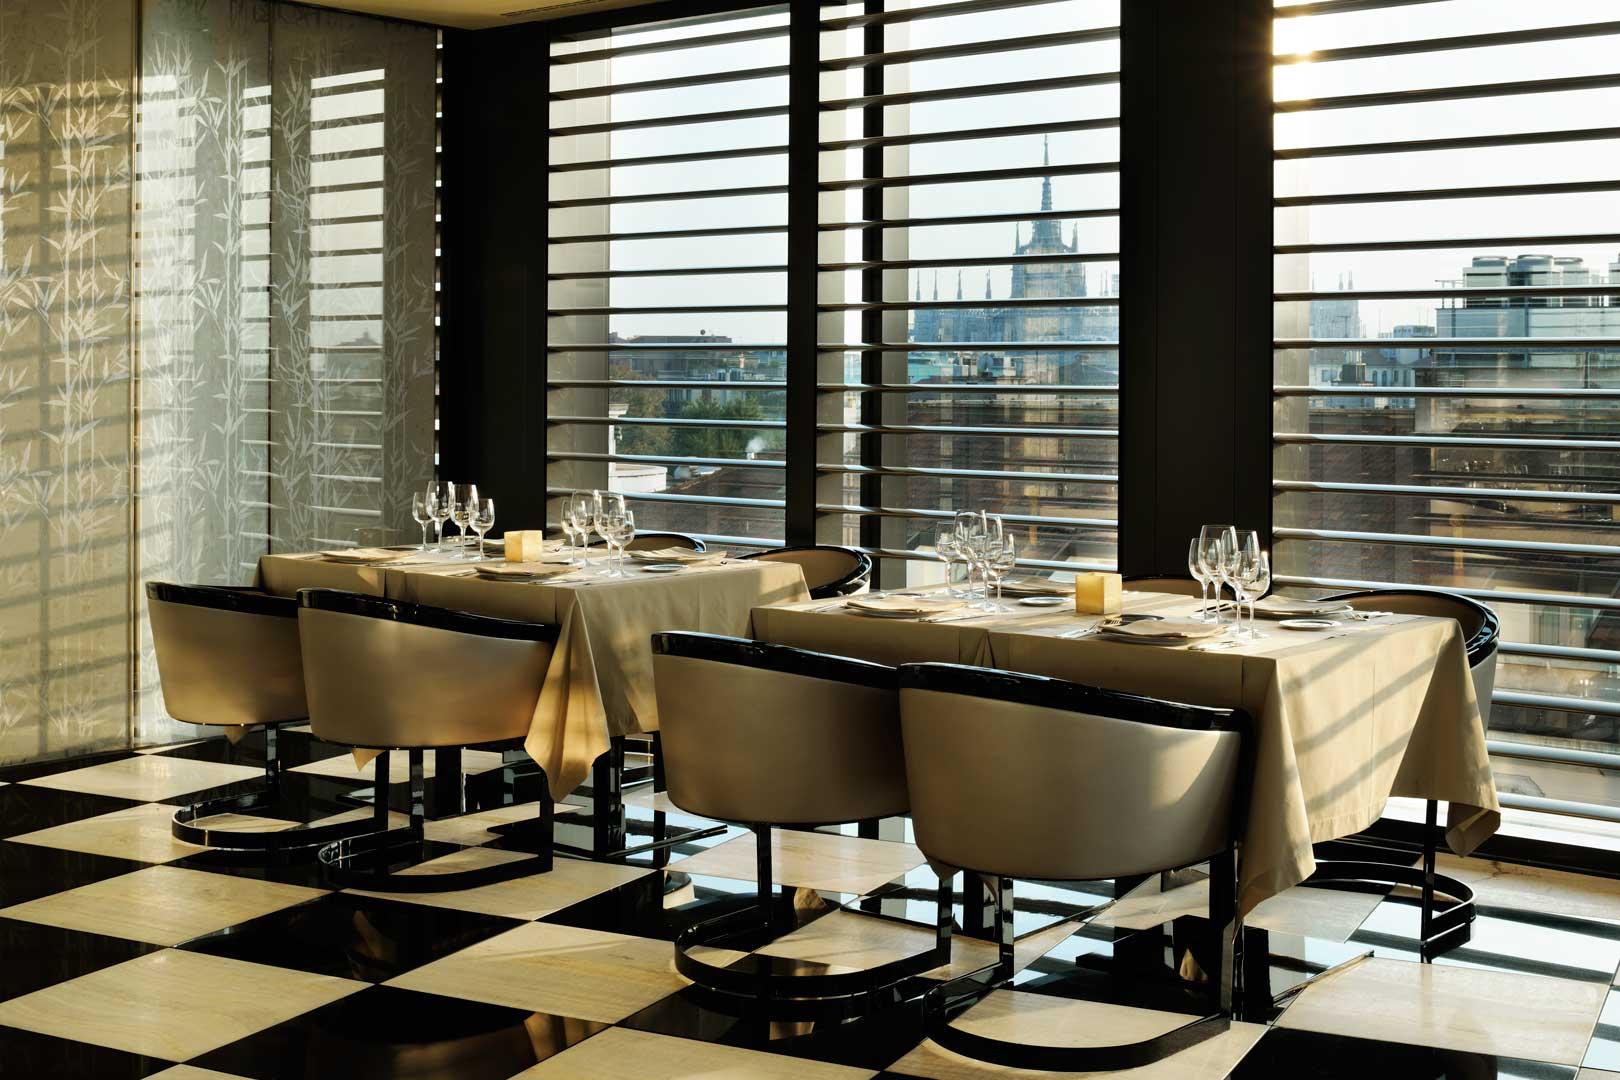 Armani ristorante flawless milano the lifestyle guide for Uffici armani milano